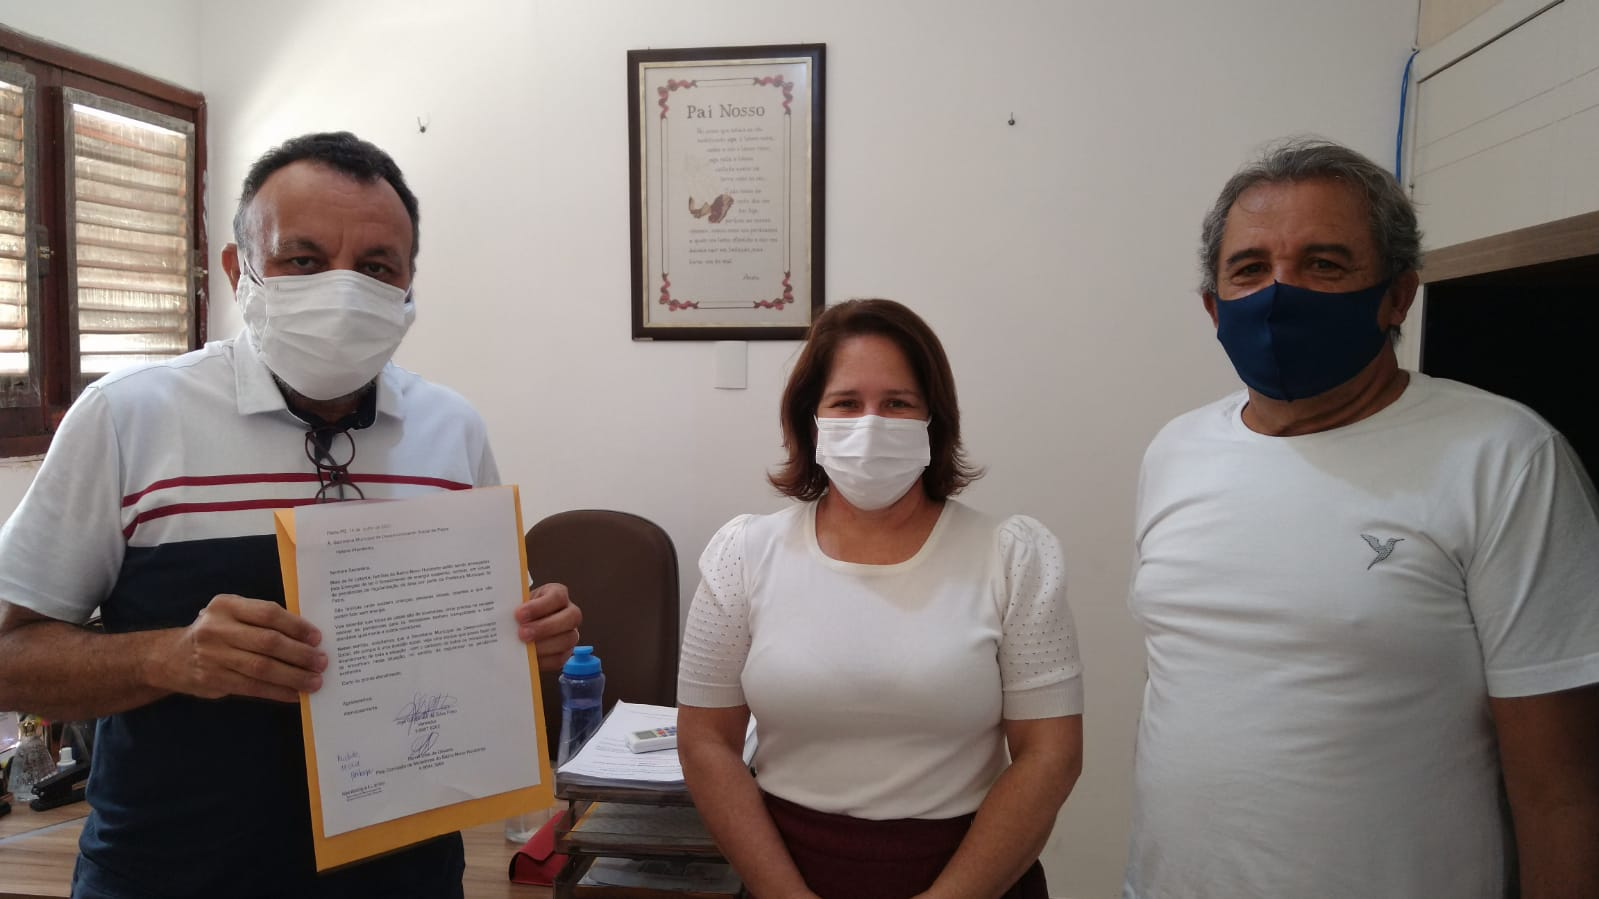 Zé Gonçalves está em ação para impedir corte de energia das famílias do Novo Horizonte. Hoje teve reunião com Helena Wanderley.